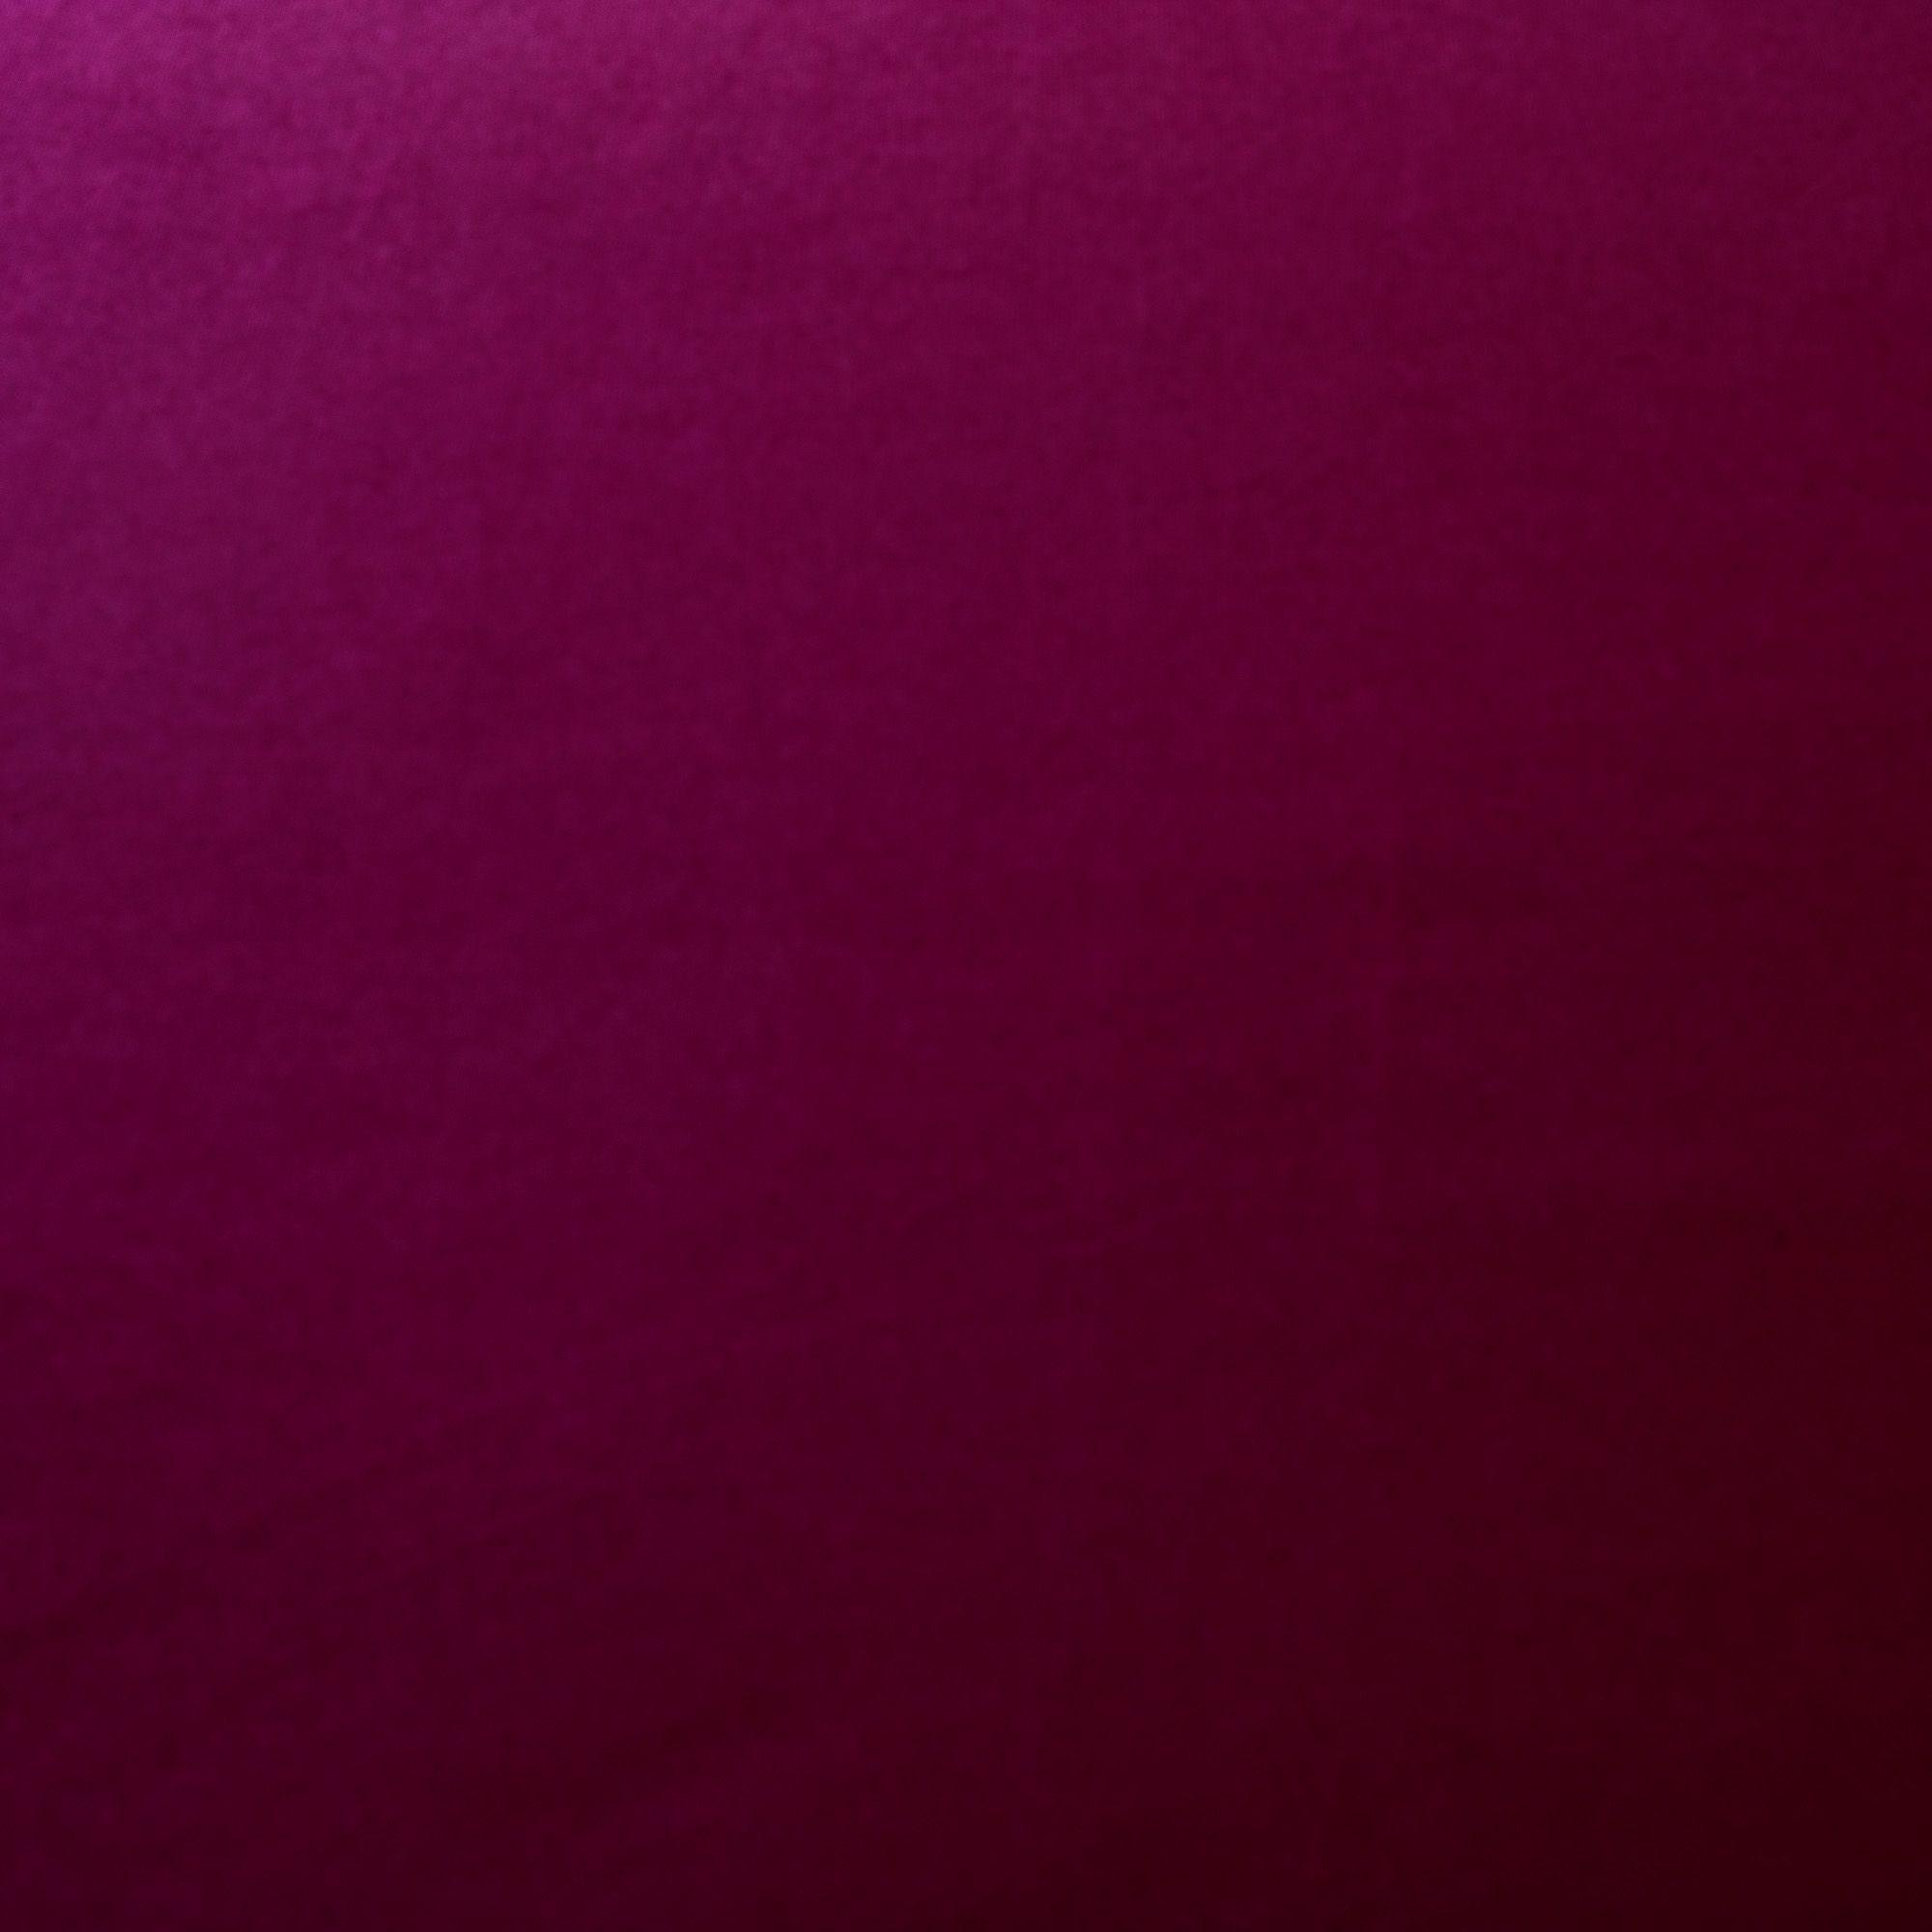 Tecido Malha Helanca Light Vinho 100% Poliester 1,80 mt Largura